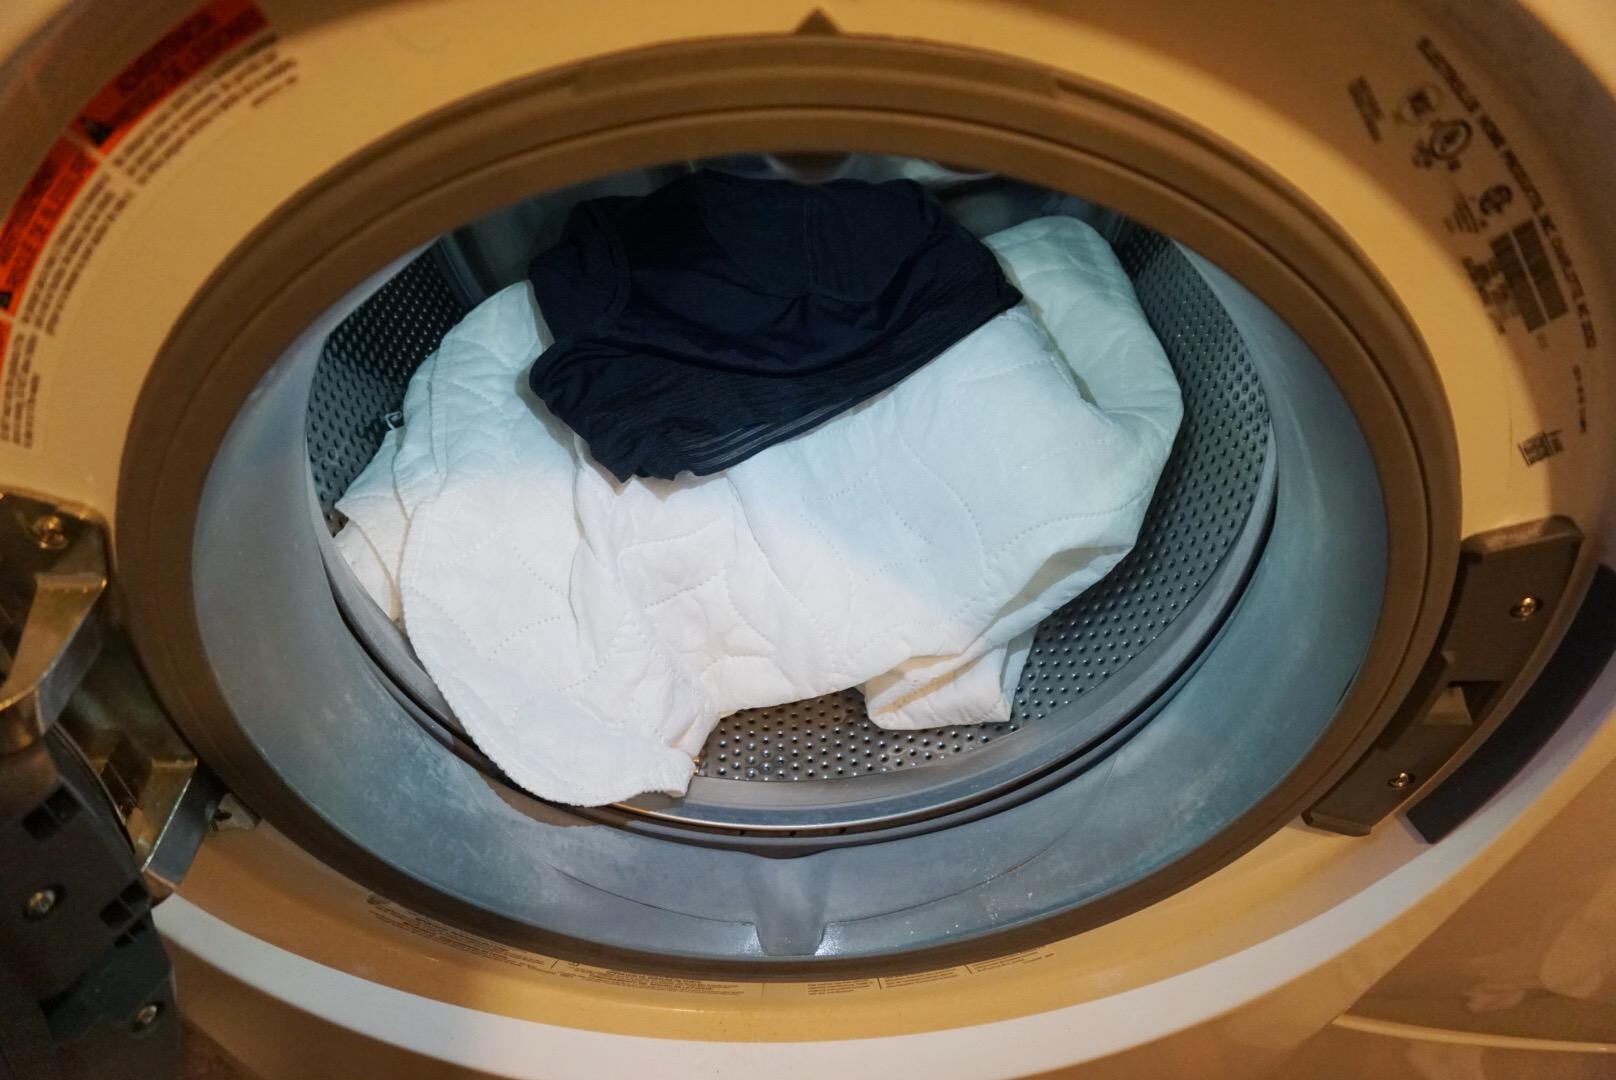 Test: Washing THINX with whites